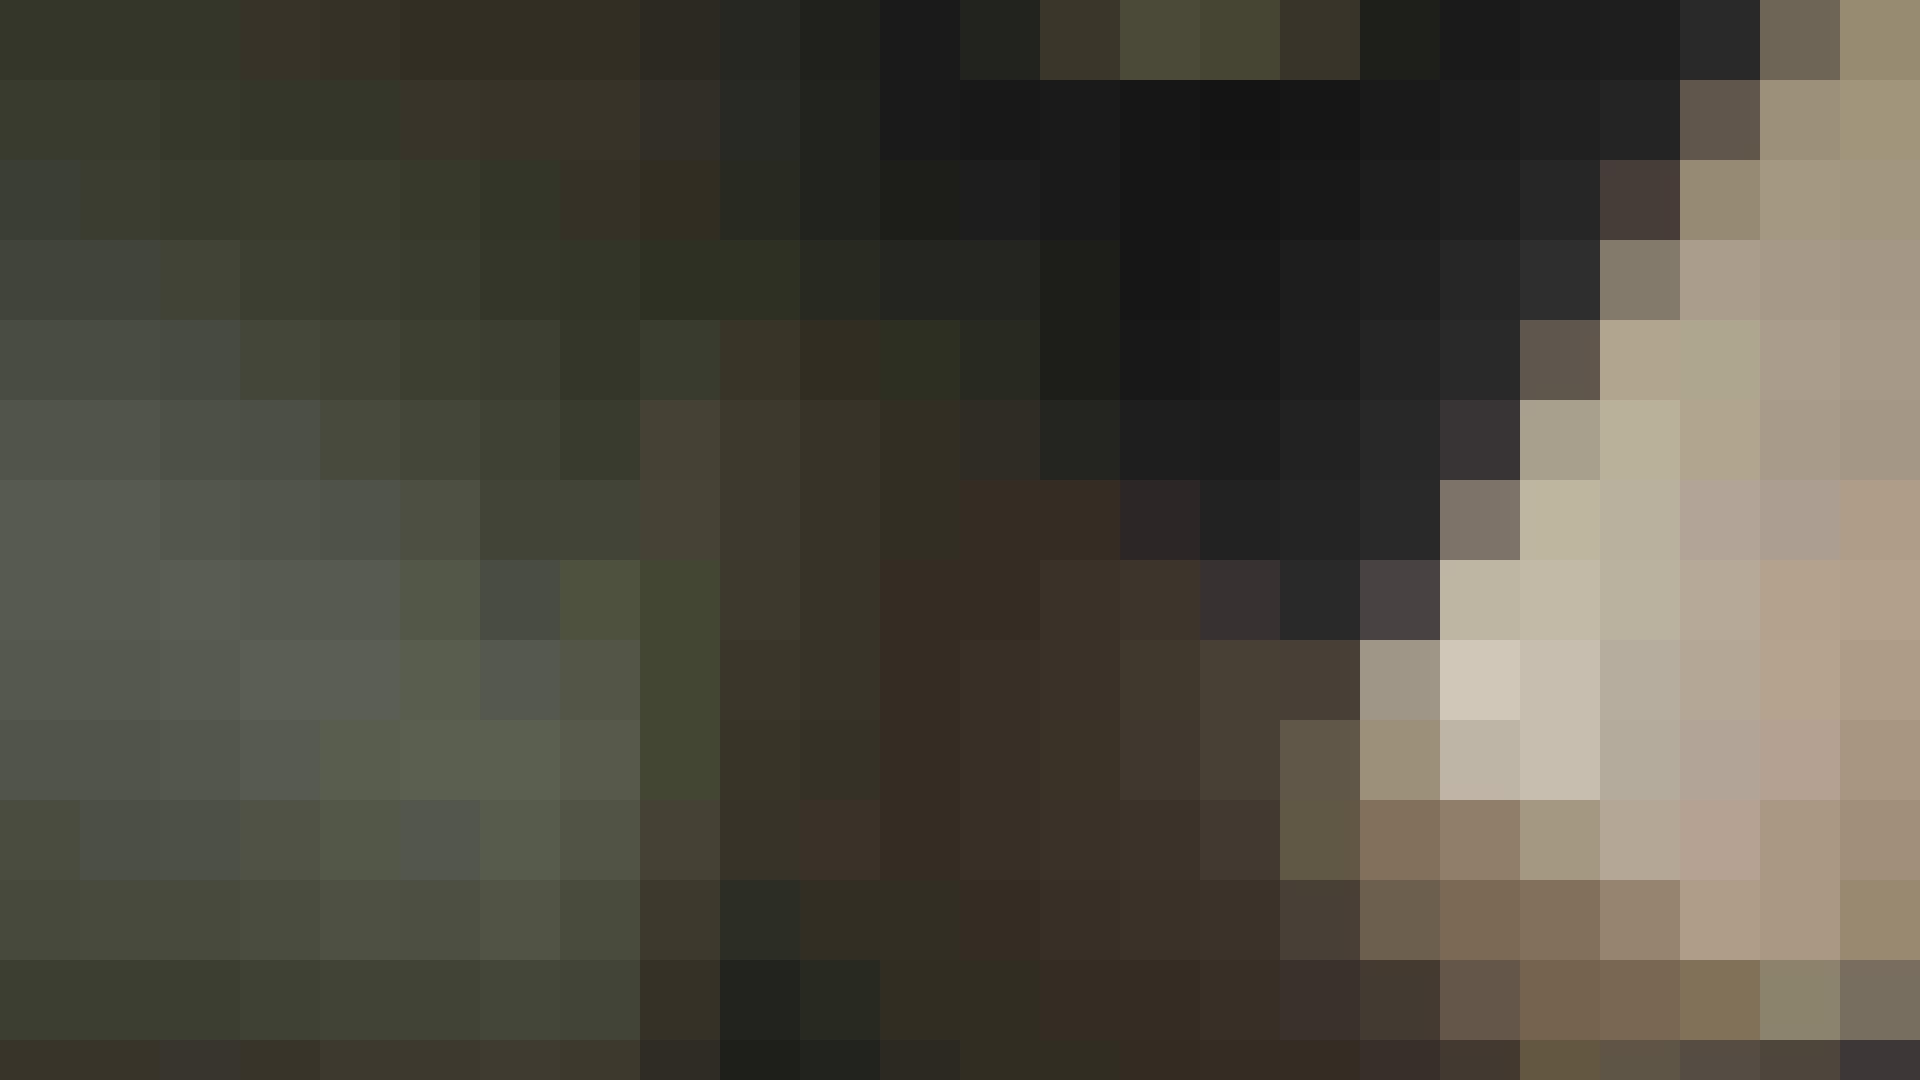 阿国ちゃんの「和式洋式七変化」No.18 iBO(フタコブ) 和式 | 洗面所  68PIX 11